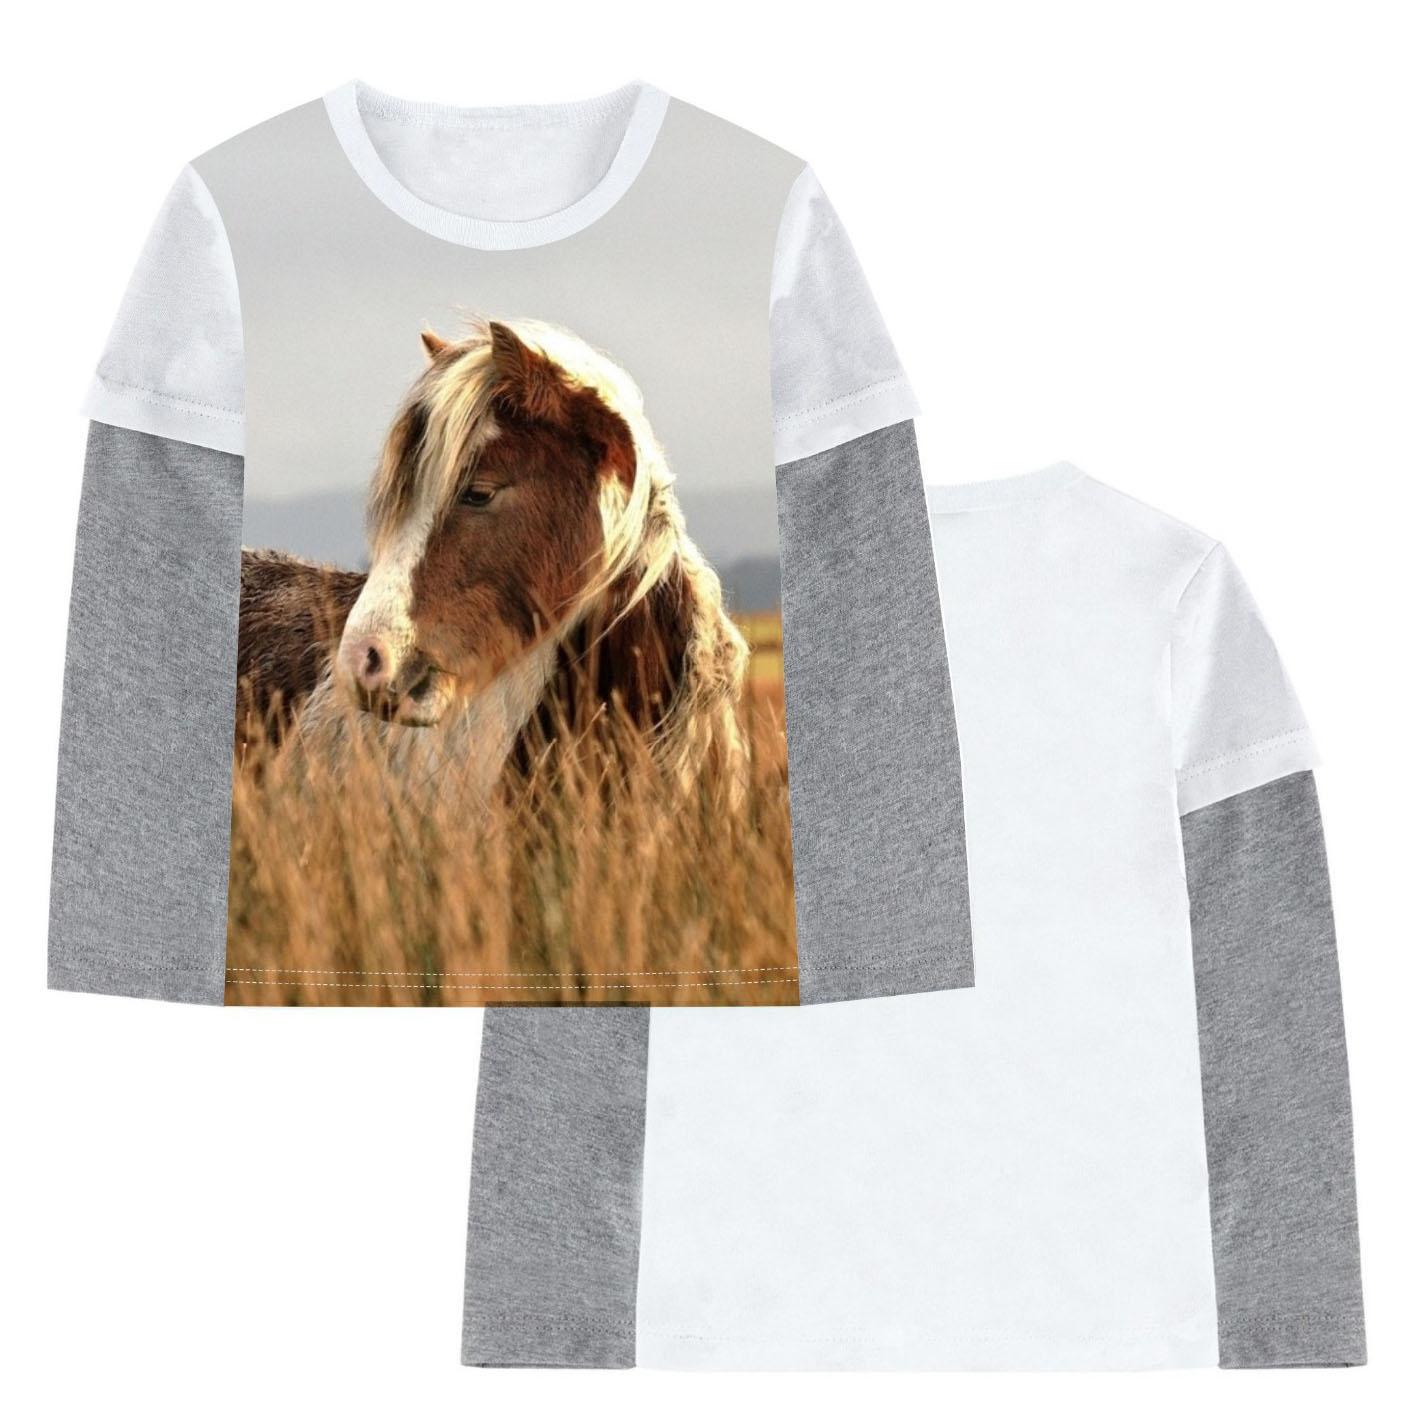 Camiseta para niños 2019, camisetas para niños, camisetas para bebés, camisetas con estampado de caballo en caña, Blusa de manga larga para niños, Camiseta de algodón